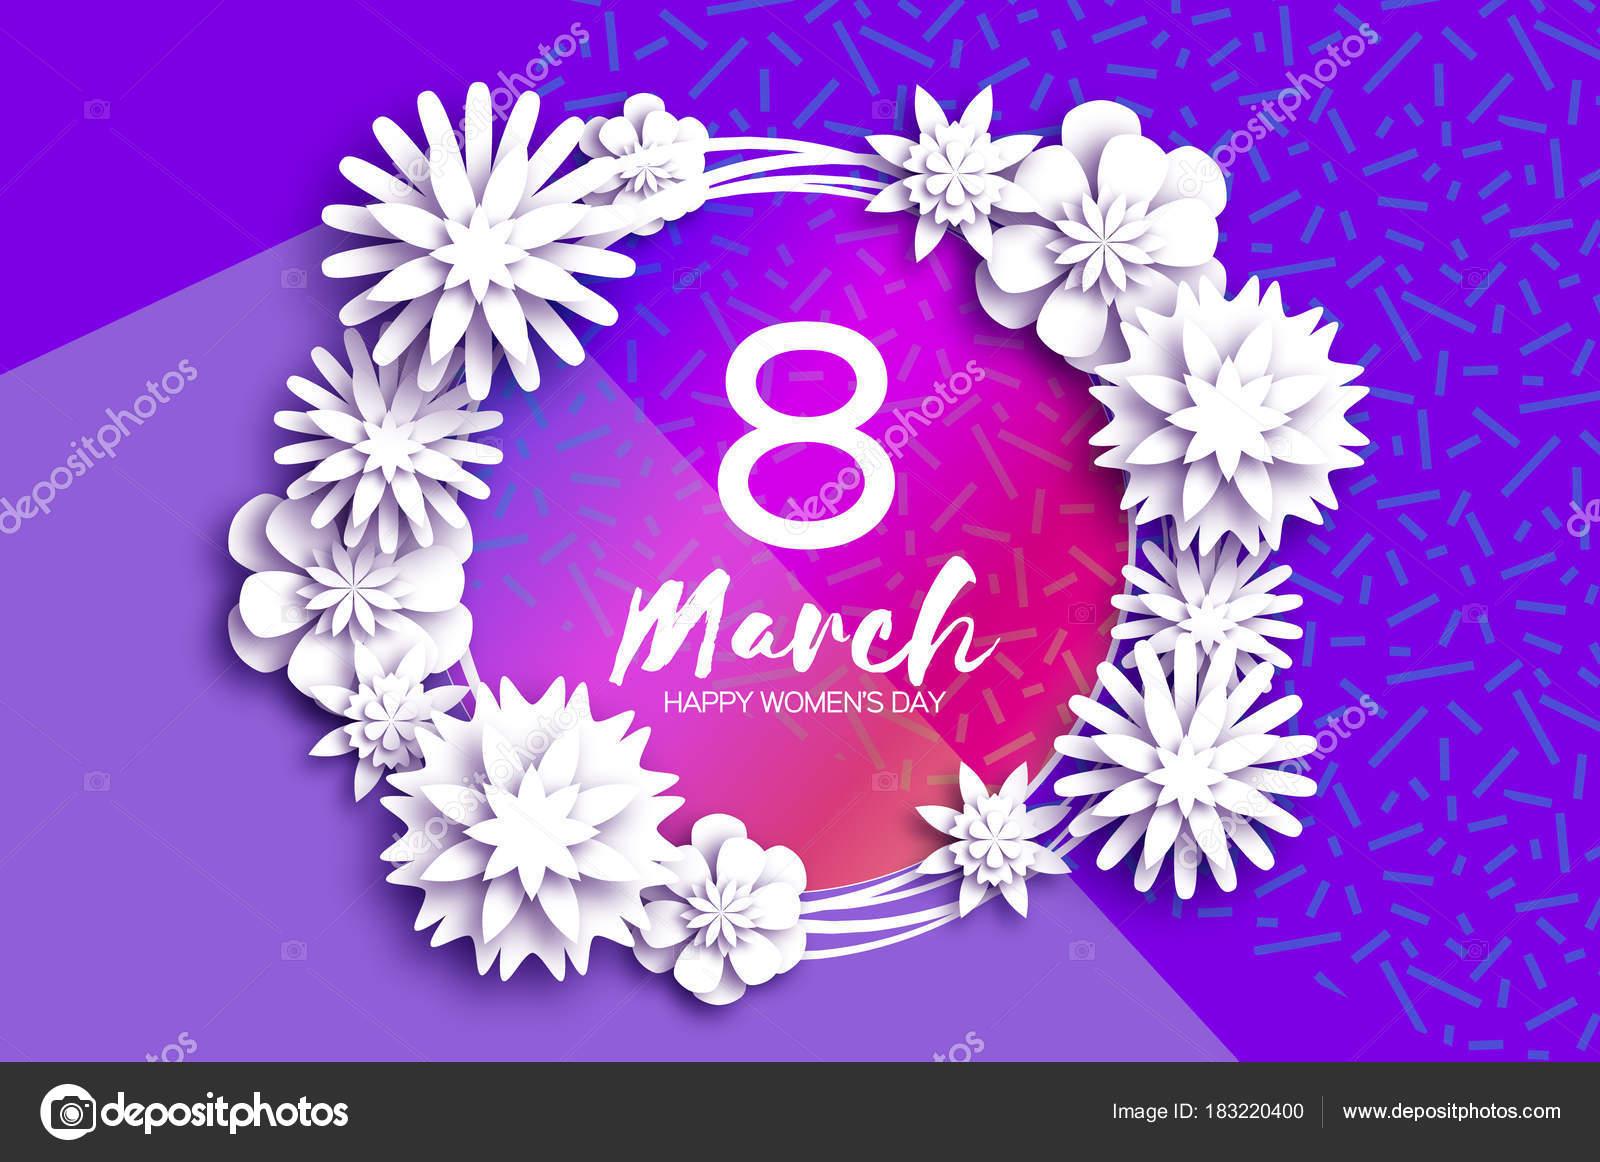 Eitelkeit Welche Blumen Blühen Im März Dekoration Von Bright White Origami Frühling Banner. Scherenschnitt Floral-grußkarte.